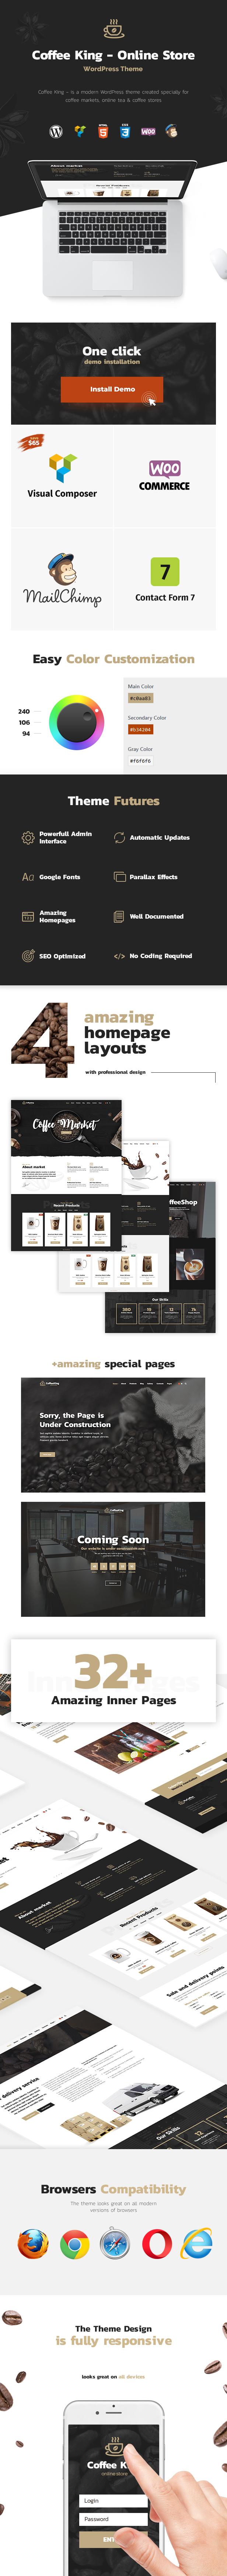 CoffeeKing - Coffee Shop & Drinks Online Store WordPress Theme - 3